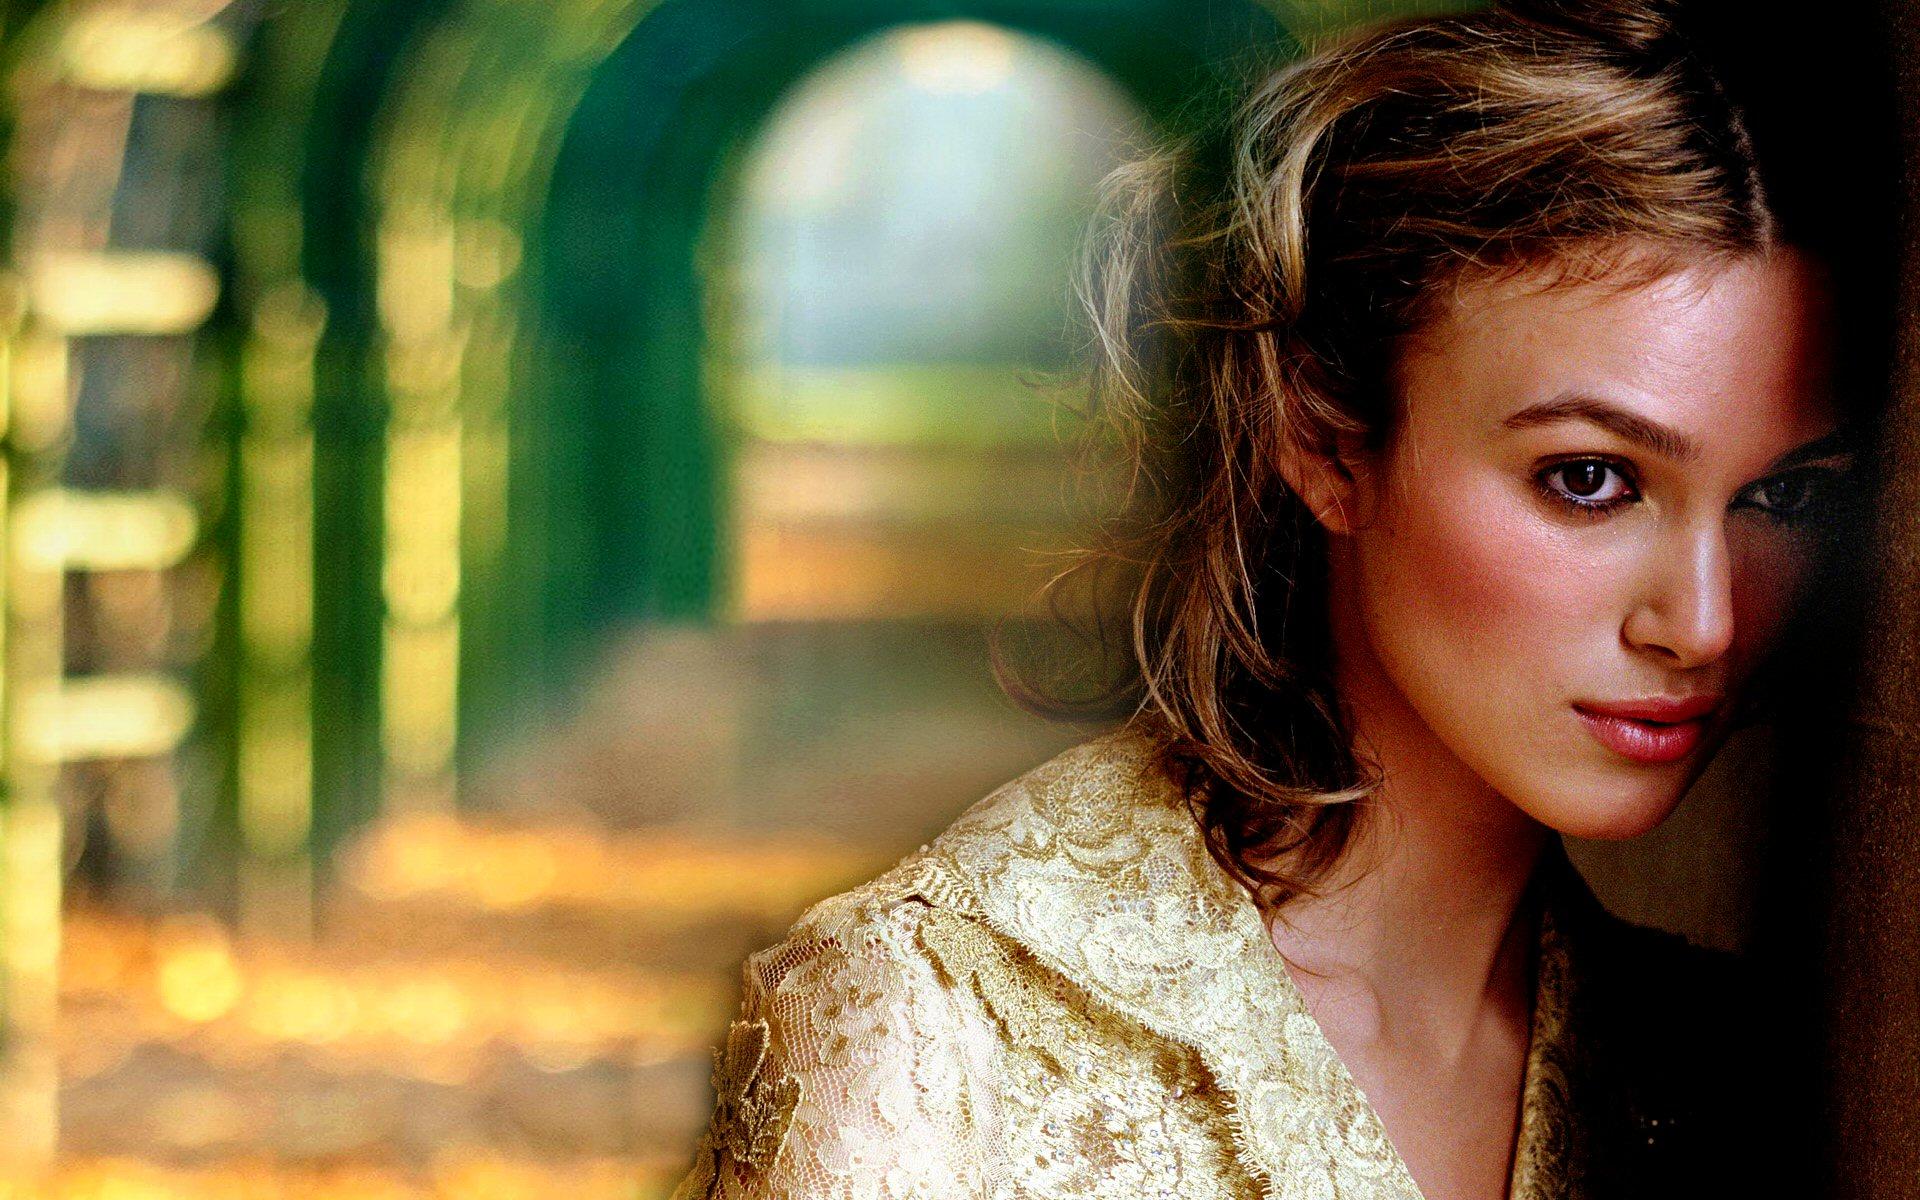 Keira Knightley: Ніч, Дівчата, Keira Knightley